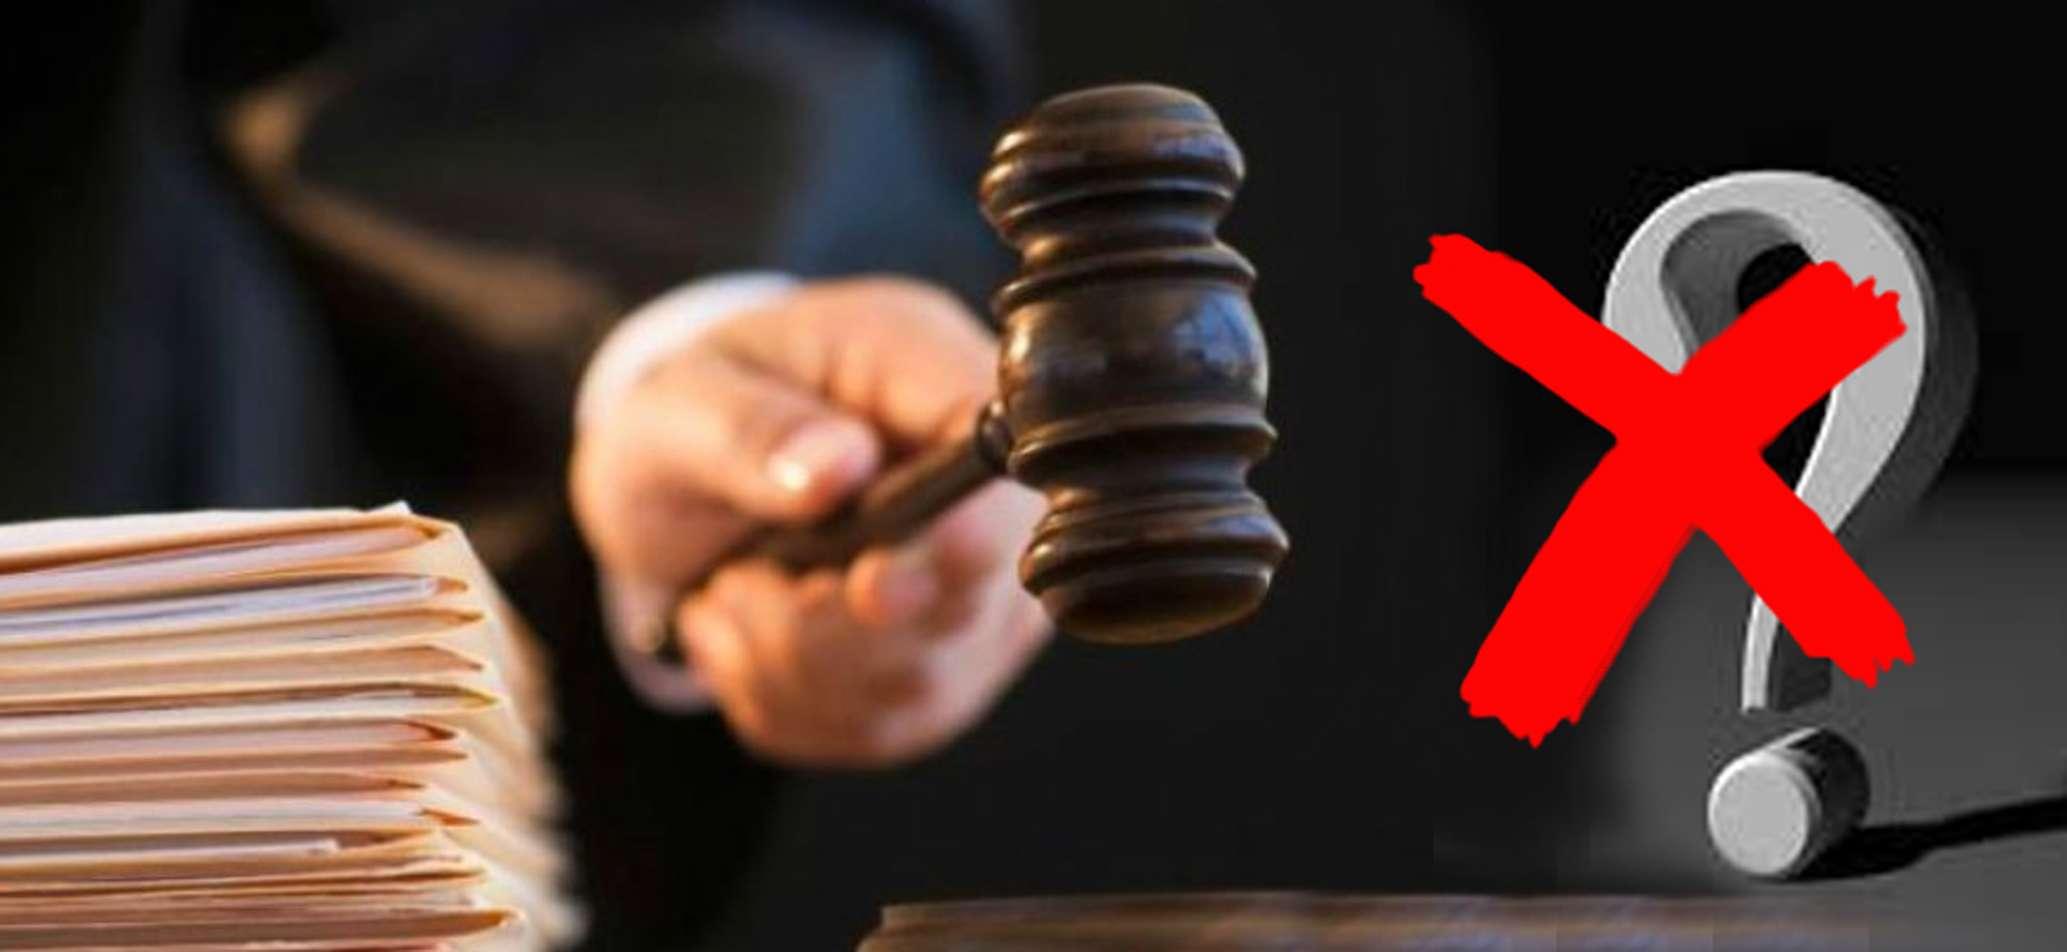 ΣΥΜΒΟΥΛΙΟ ΤΗΣ ΕΠΙΚΡΑΤΕΙΑΣ: «Συνταγματική» και η περικοπή του 13ου & 14ου μισθού